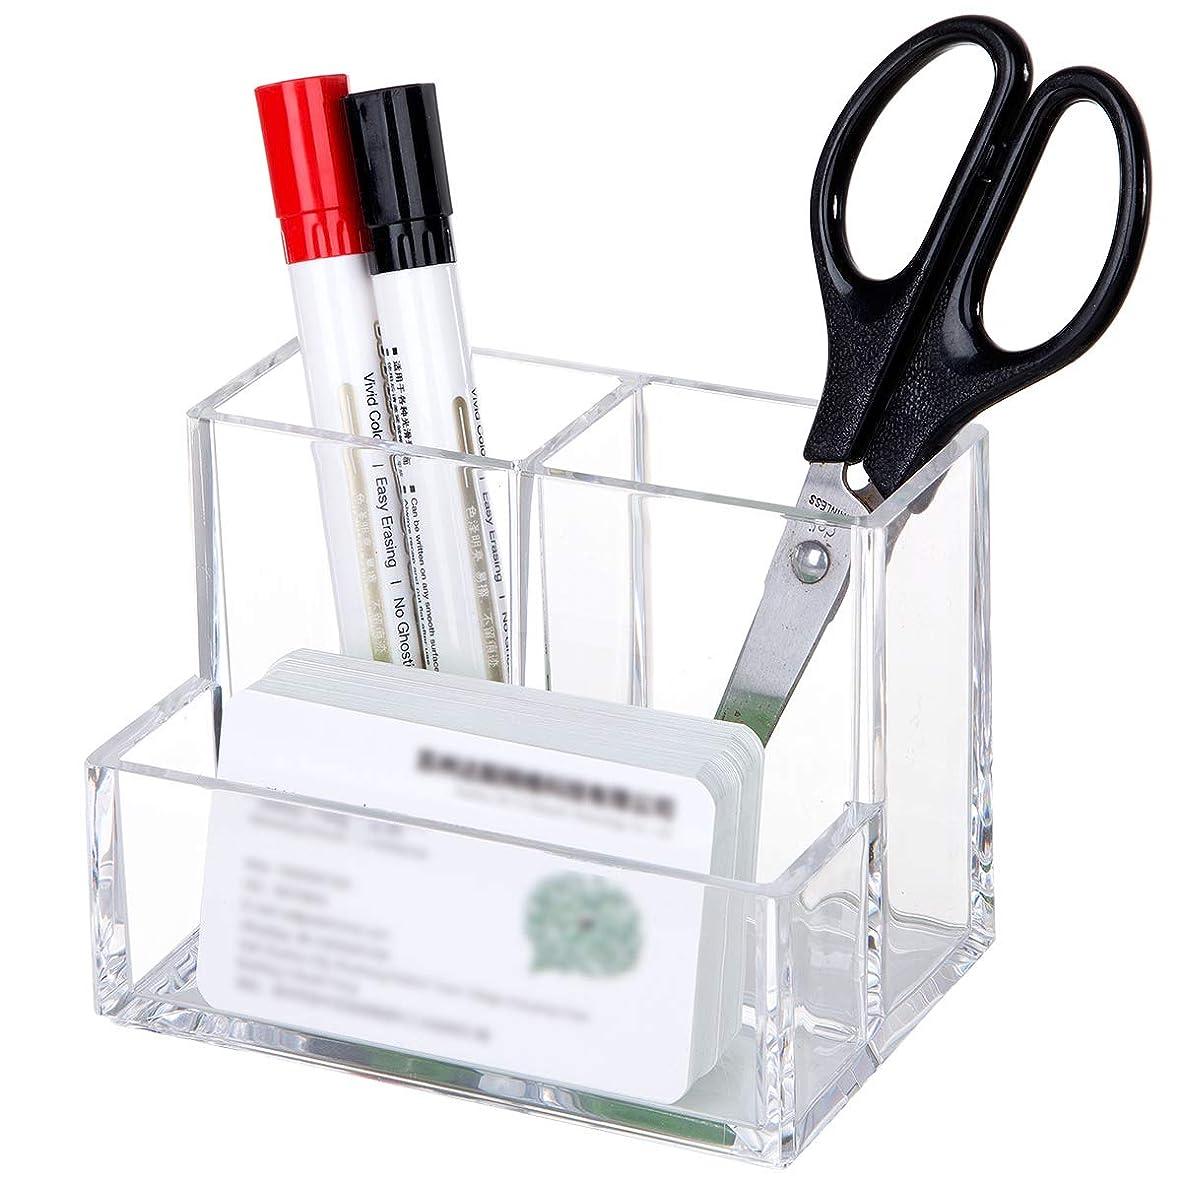 疼痛雰囲気もろい化粧筆収納 アクリル コスメ小物用品?化粧品収納ケース 透明